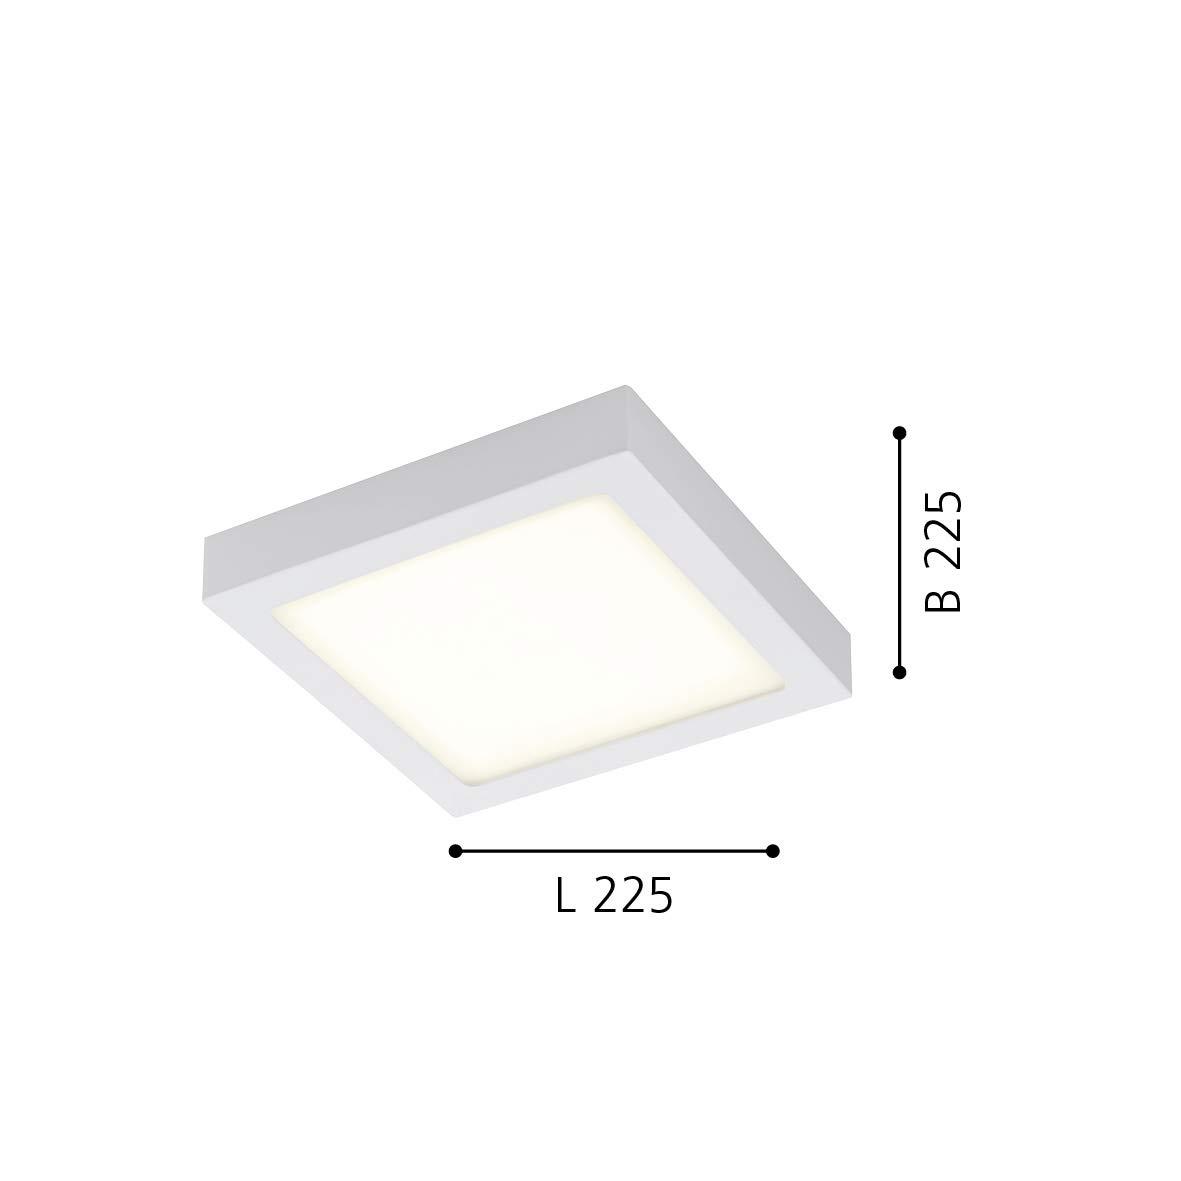 EGLO FUEVA-C lámpara empotrable, 15.6 W, Blanco, 22,5 x 22,5 cm